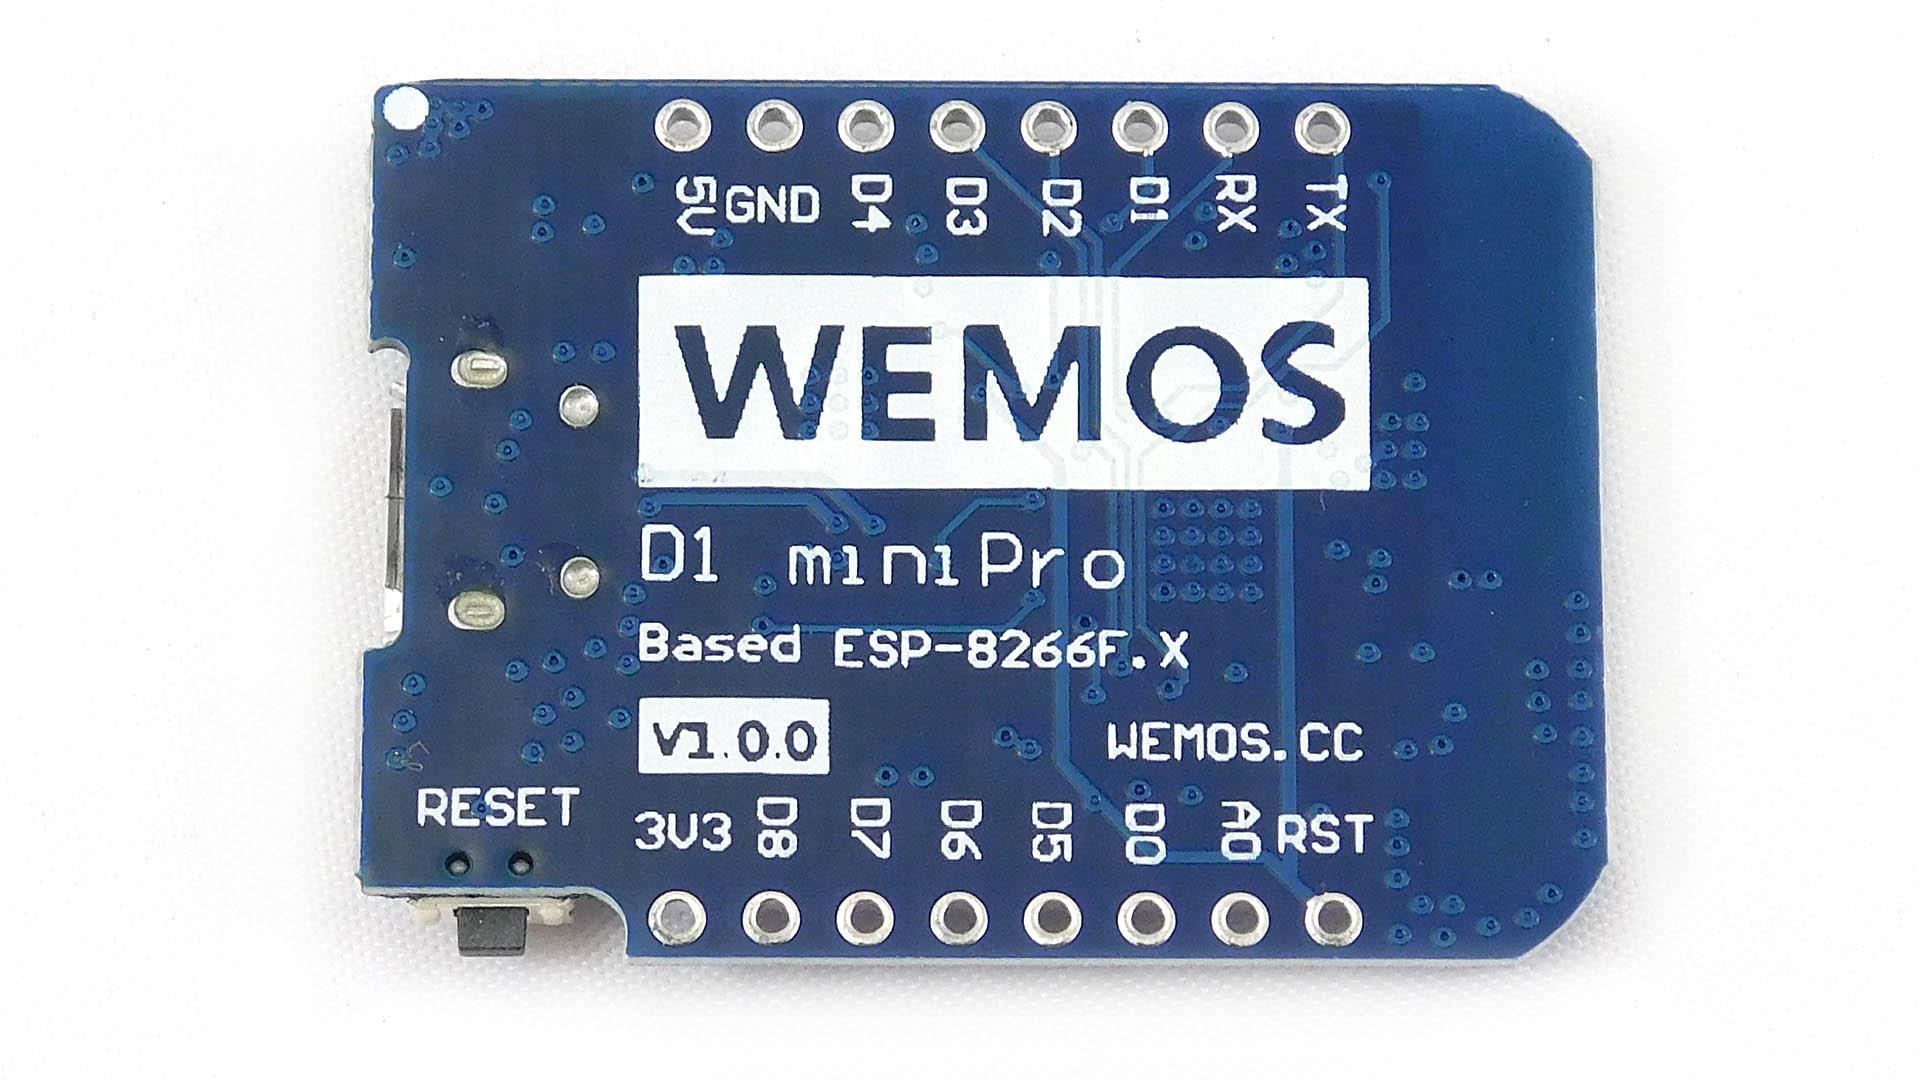 Moduł WiFi Wemos D1 mini Pro